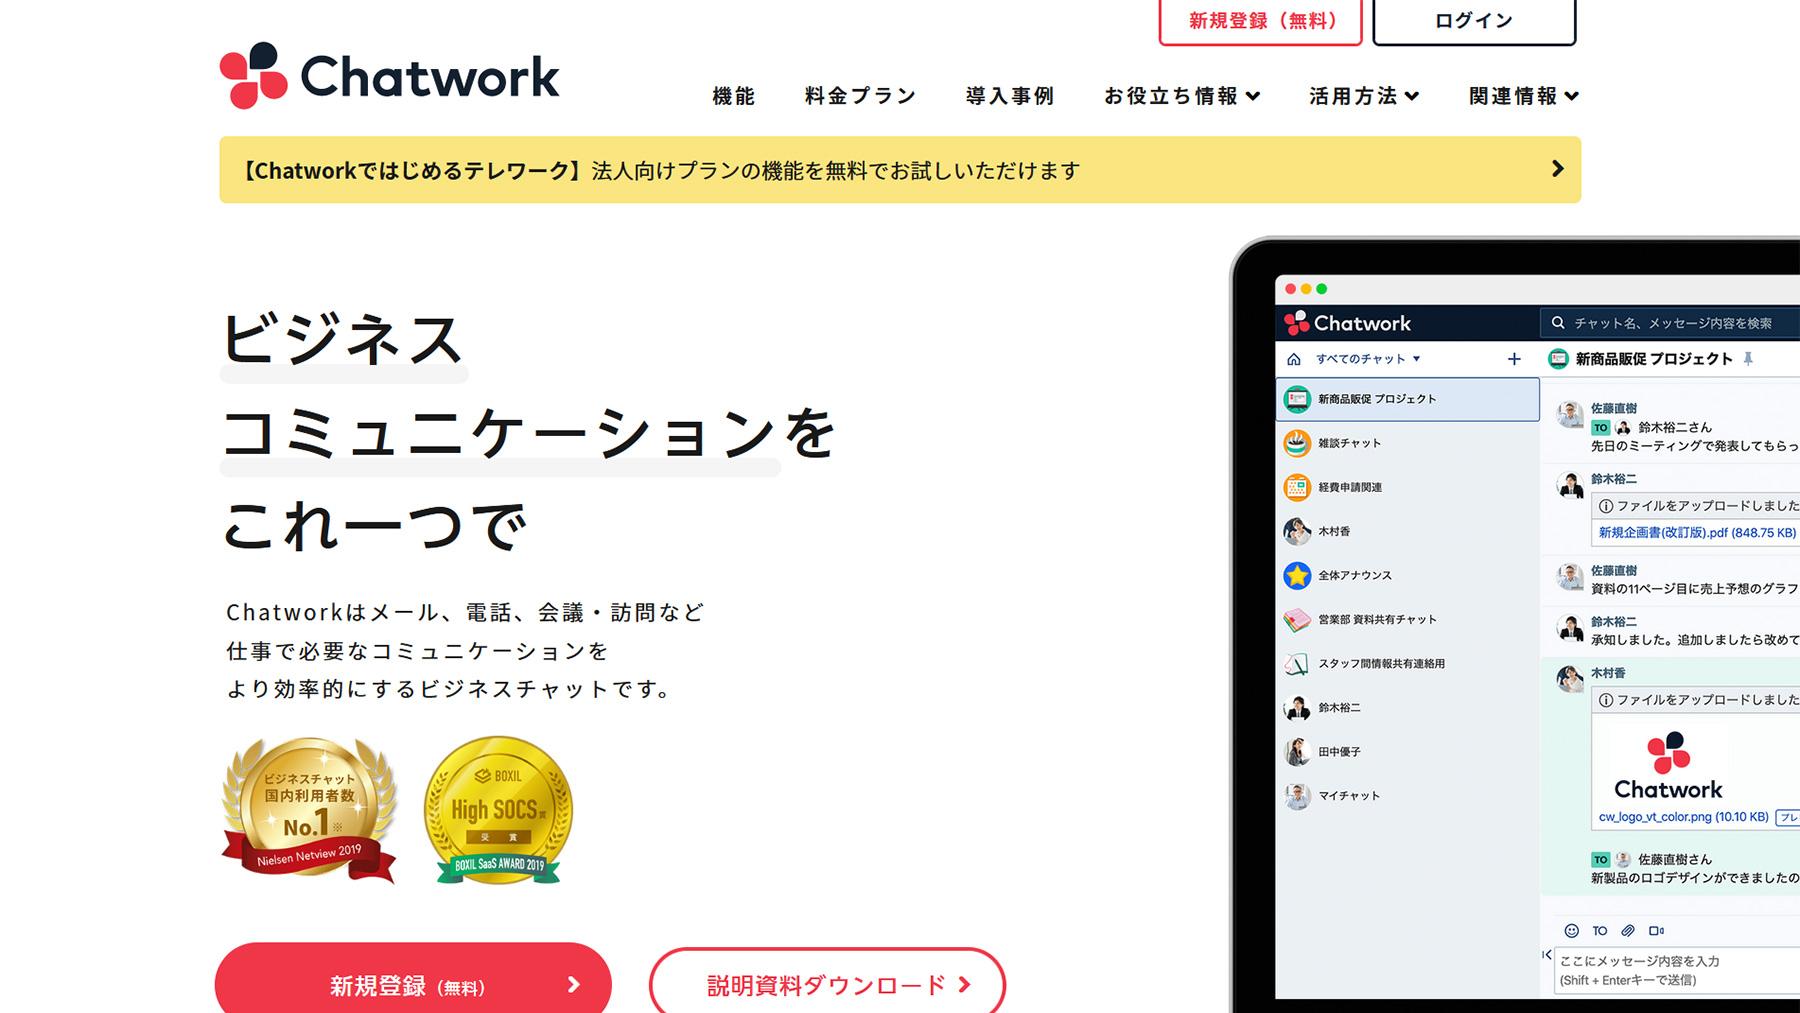 Chatwork公式Webサイト